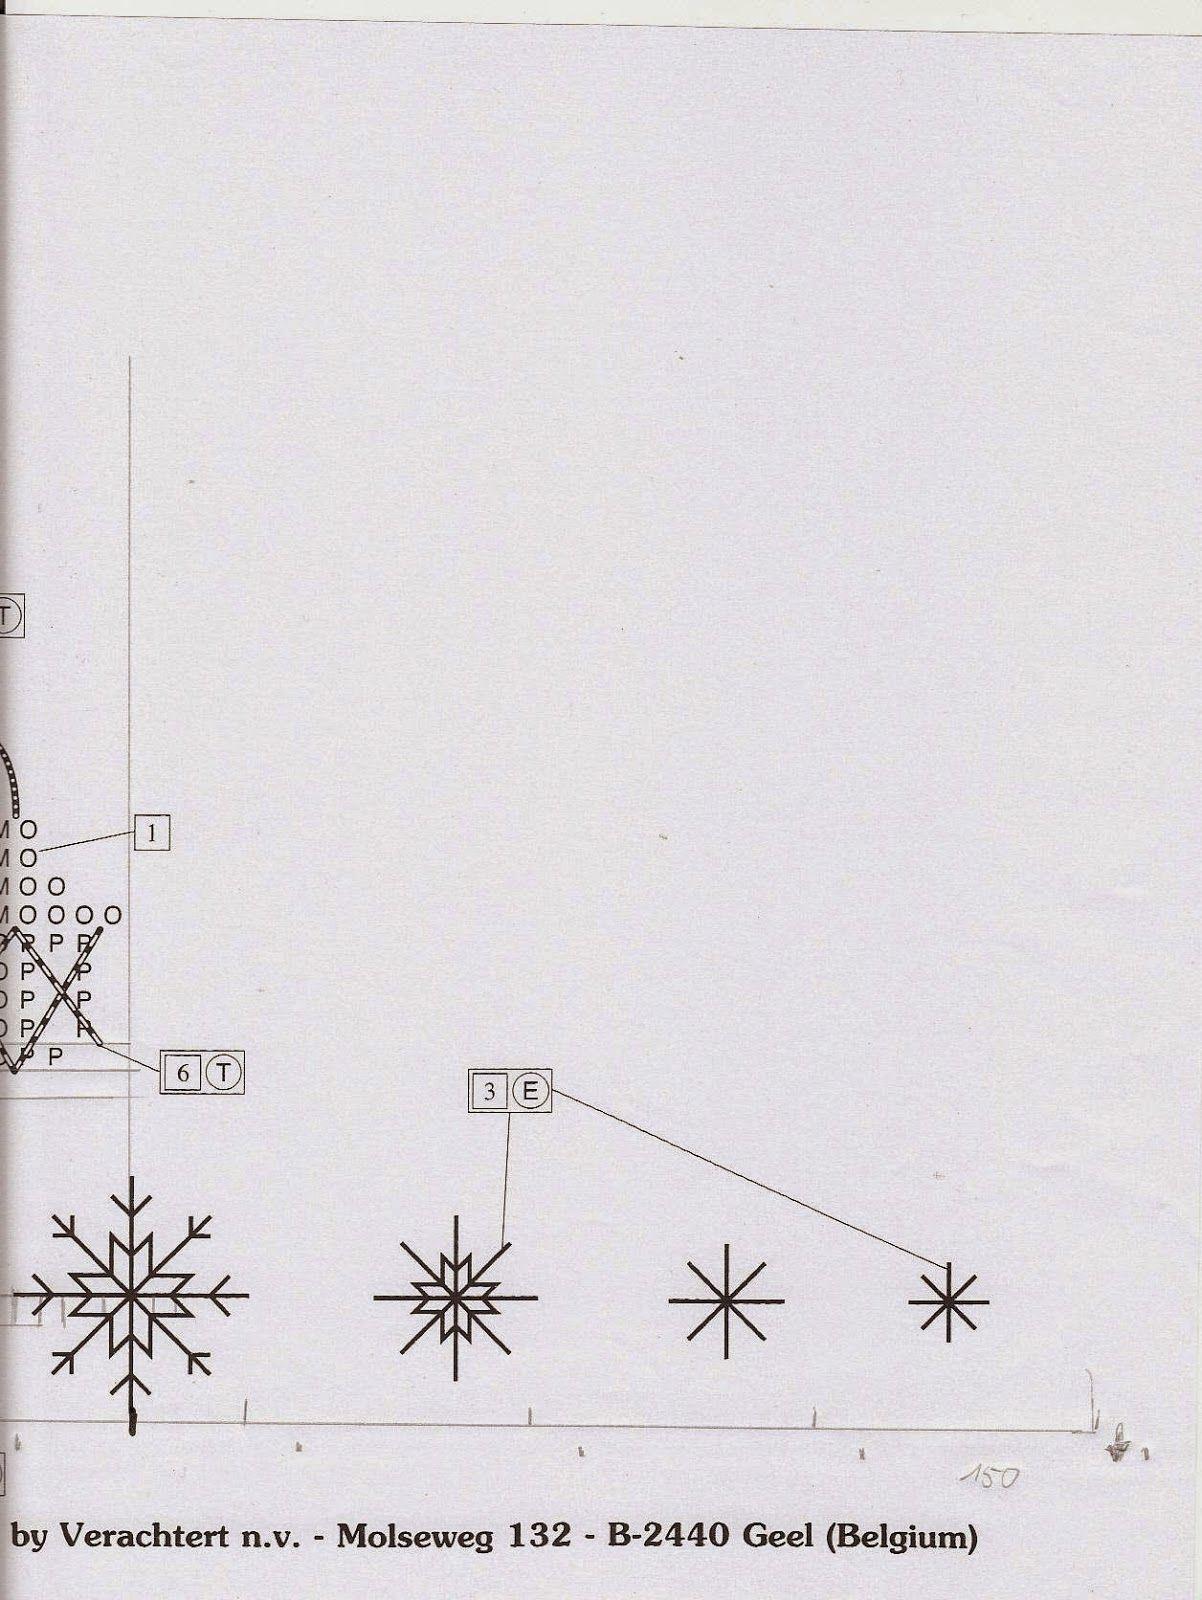 Meninas achei esse gráfico lindo do Papai Noel, e com algumas ideias legais. Não podia deixar de compartilhar. Nossa eu amei muito kkkkkkkk...